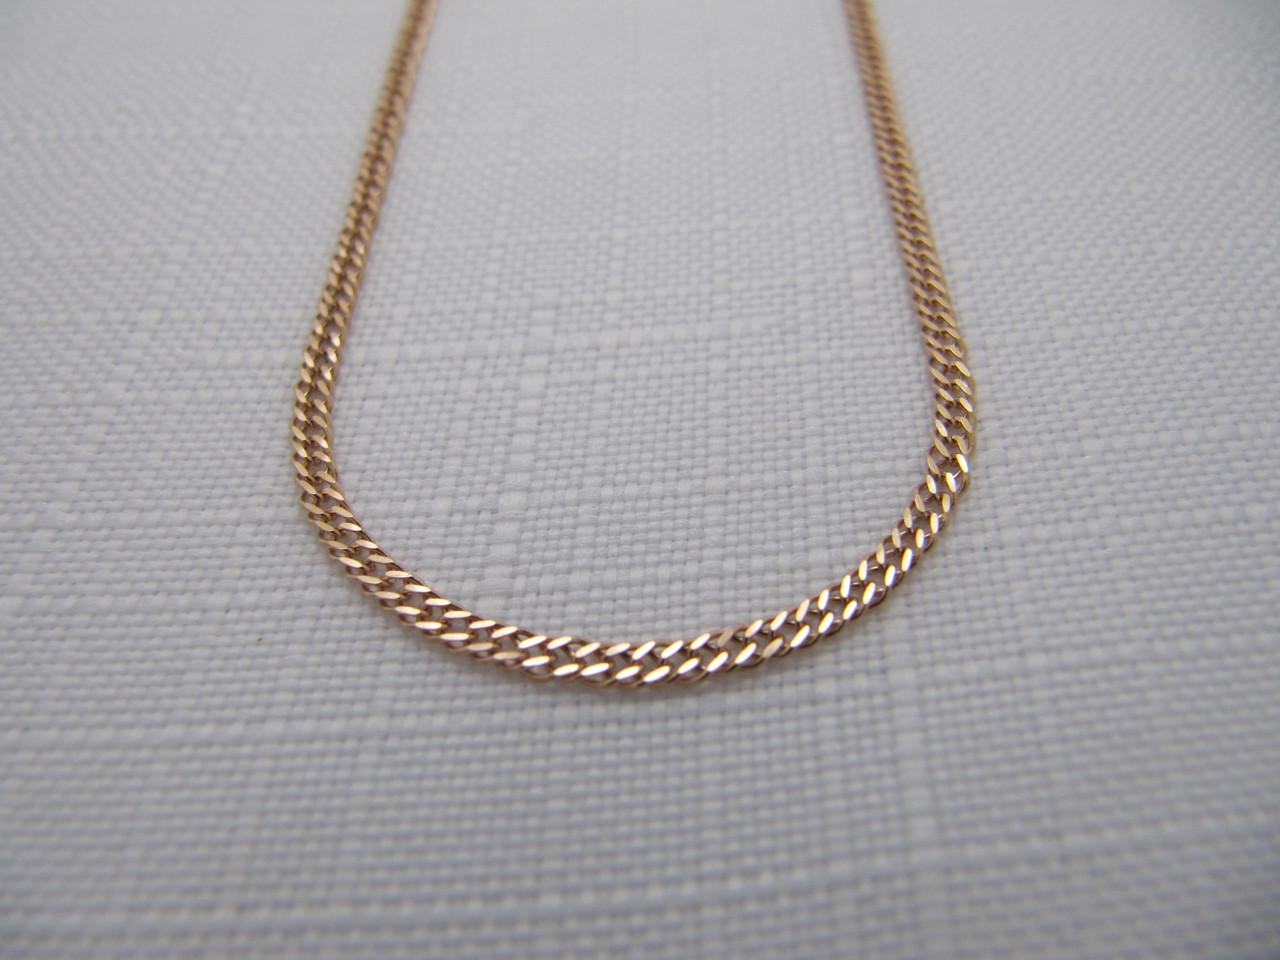 Купить Цепочка золотая 585  РОМБ 3c151f9b77456